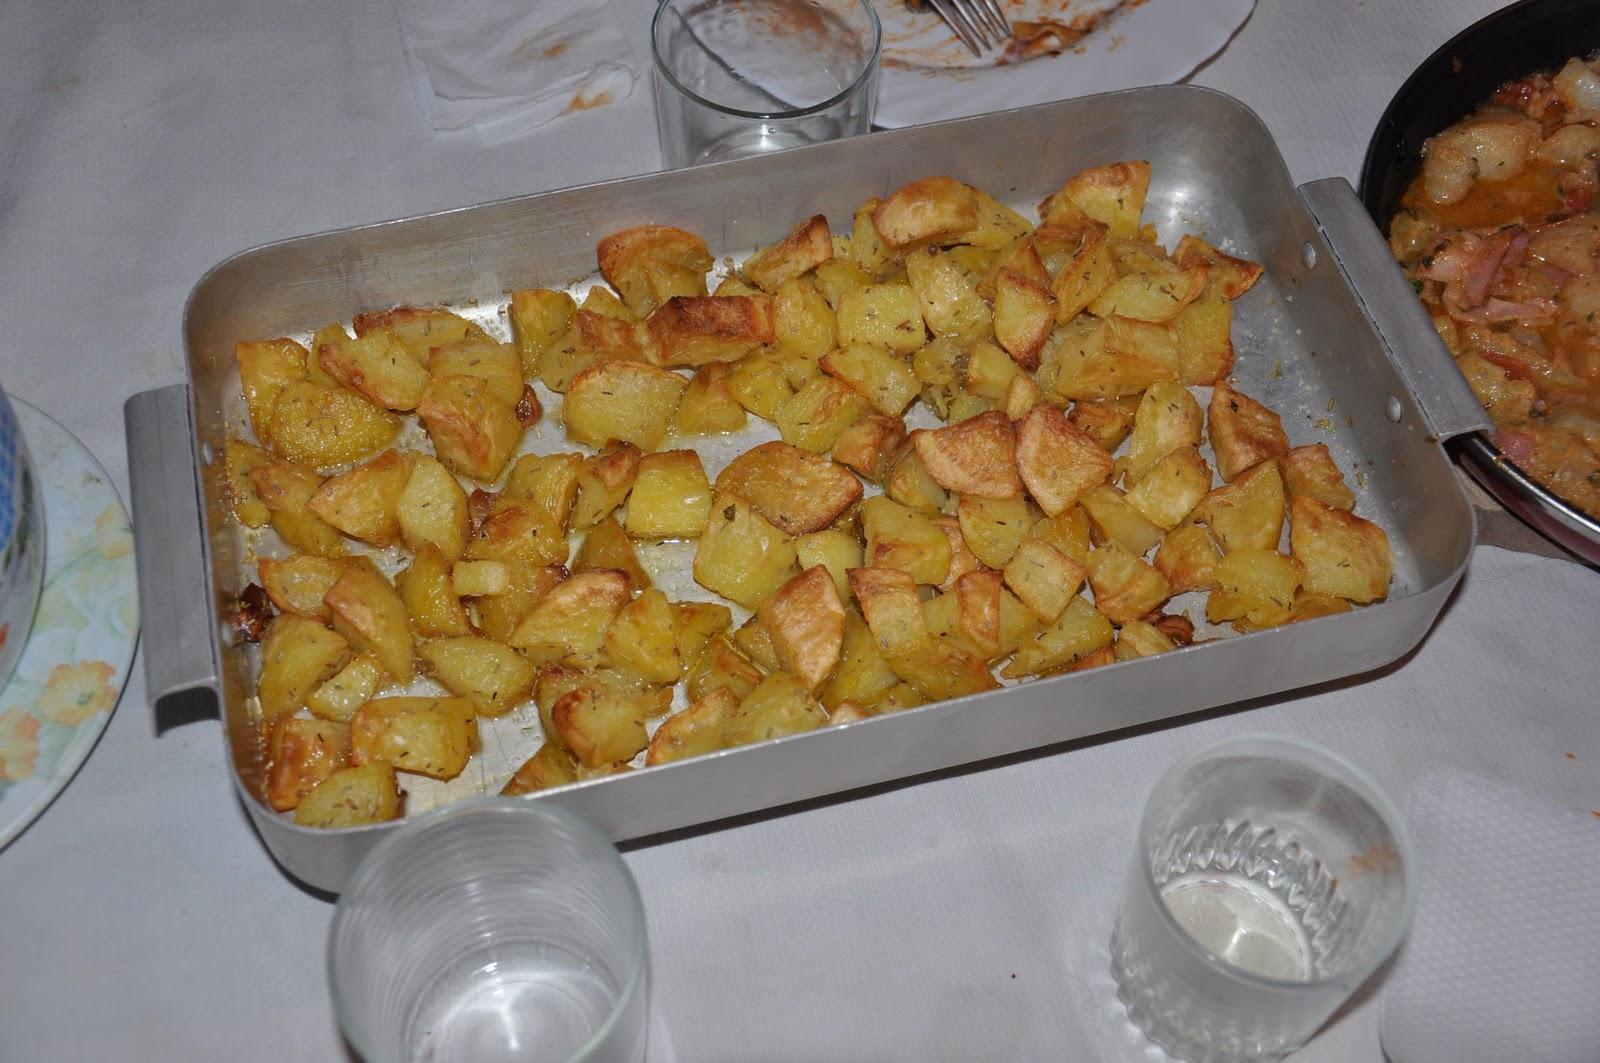 Cocina simo abel patatas al horno - Cocina al horno ...